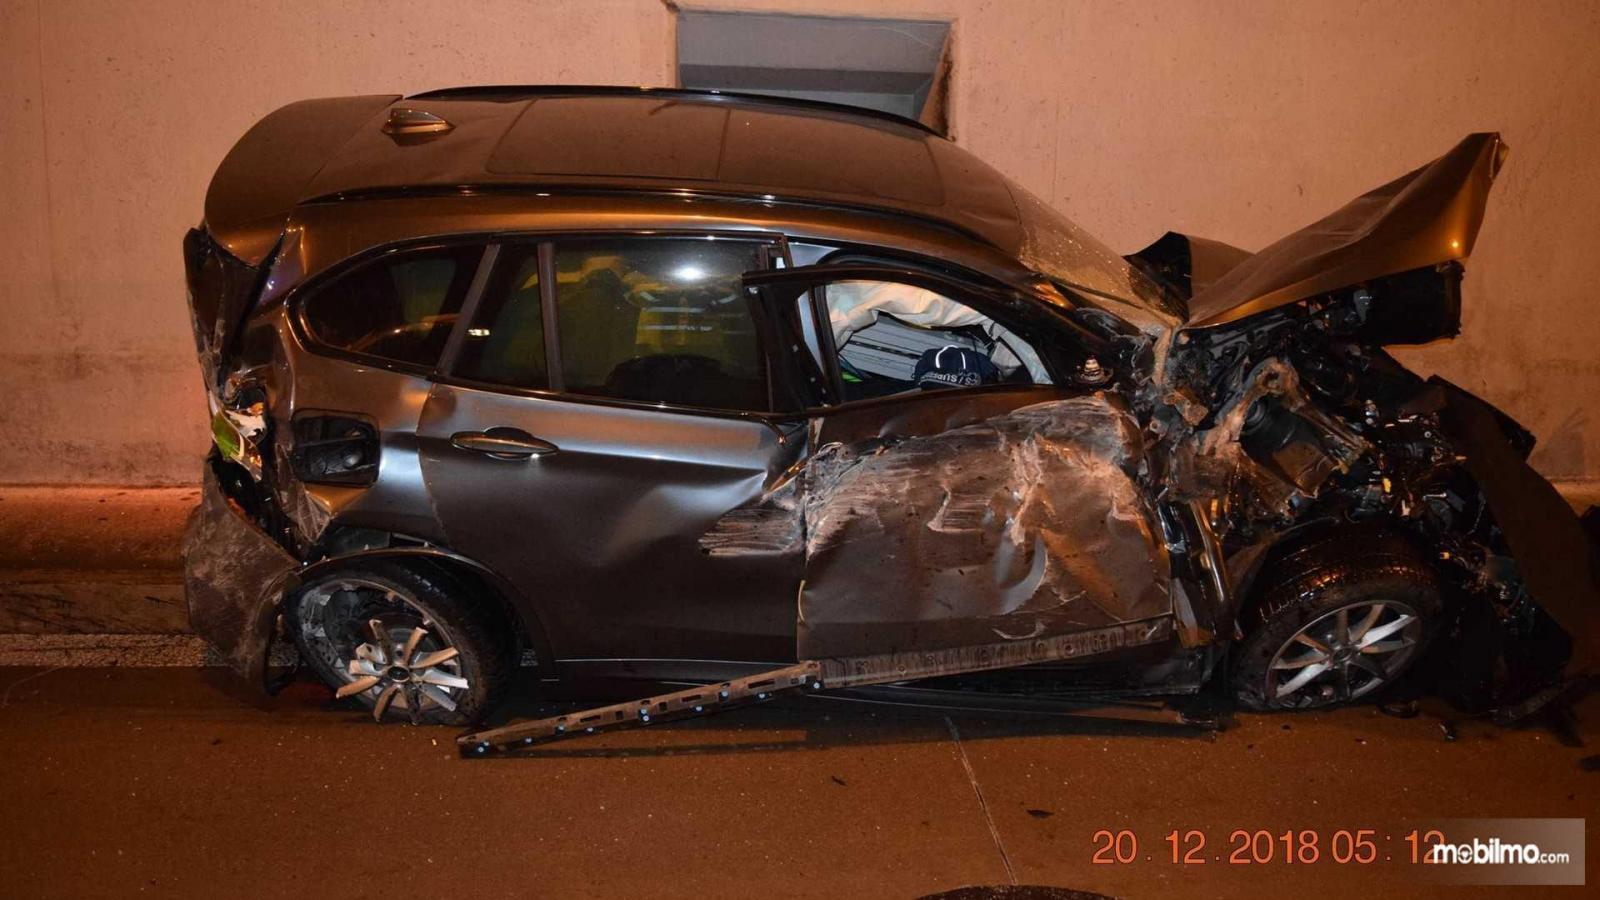 Foto mobil BMW setelah kecelakaan spektakuler